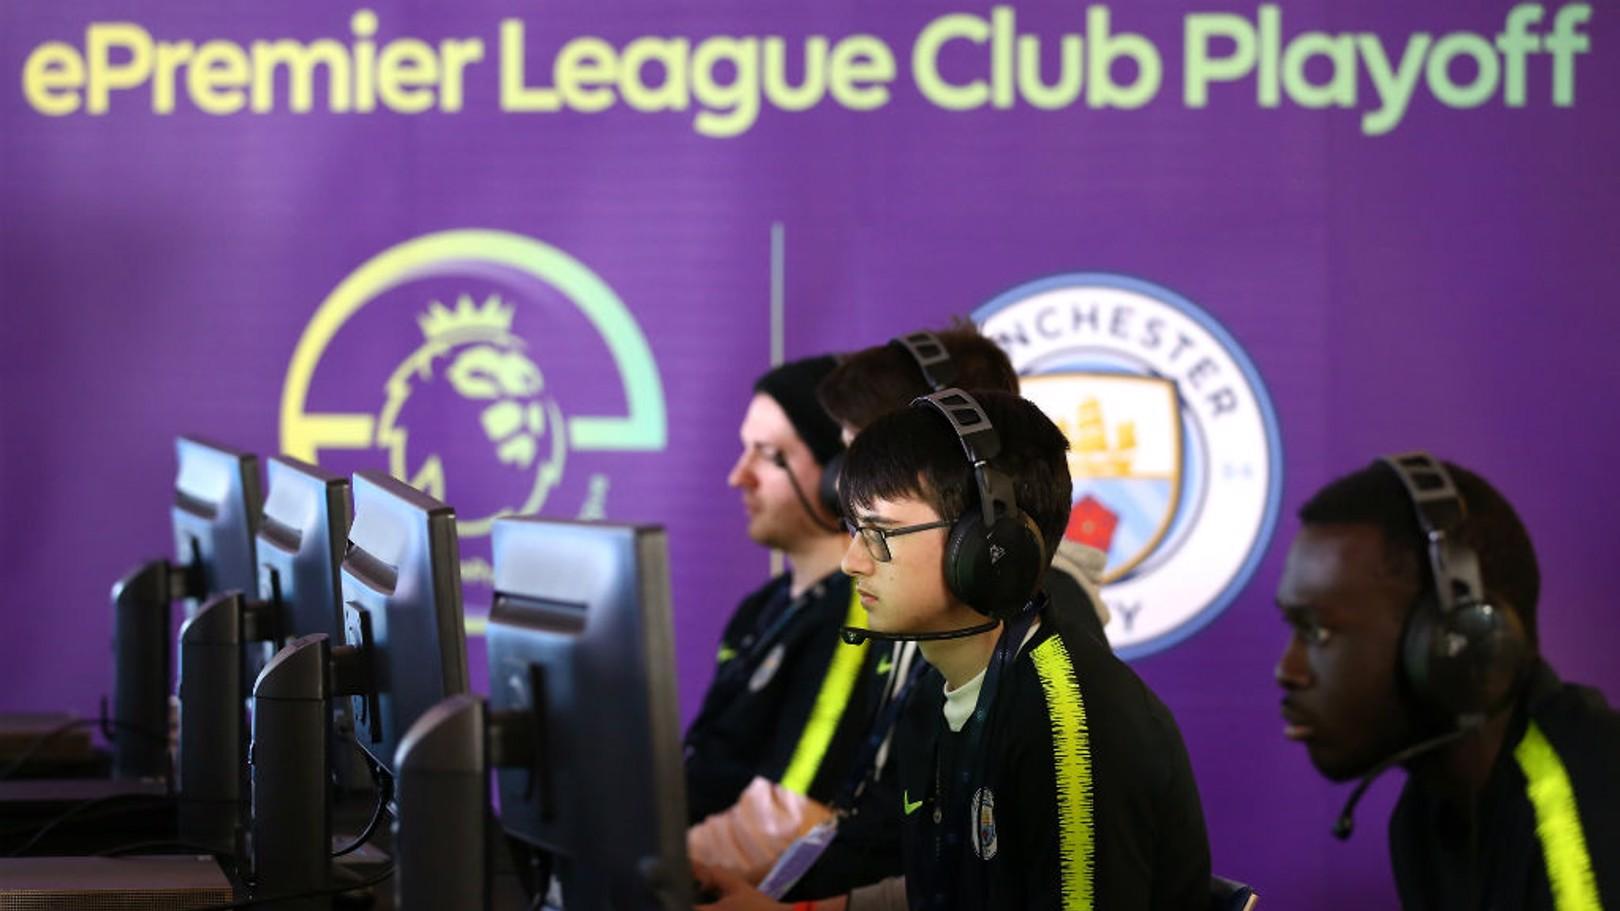 ePREMIER LEAGUE: City will host the ePremier League